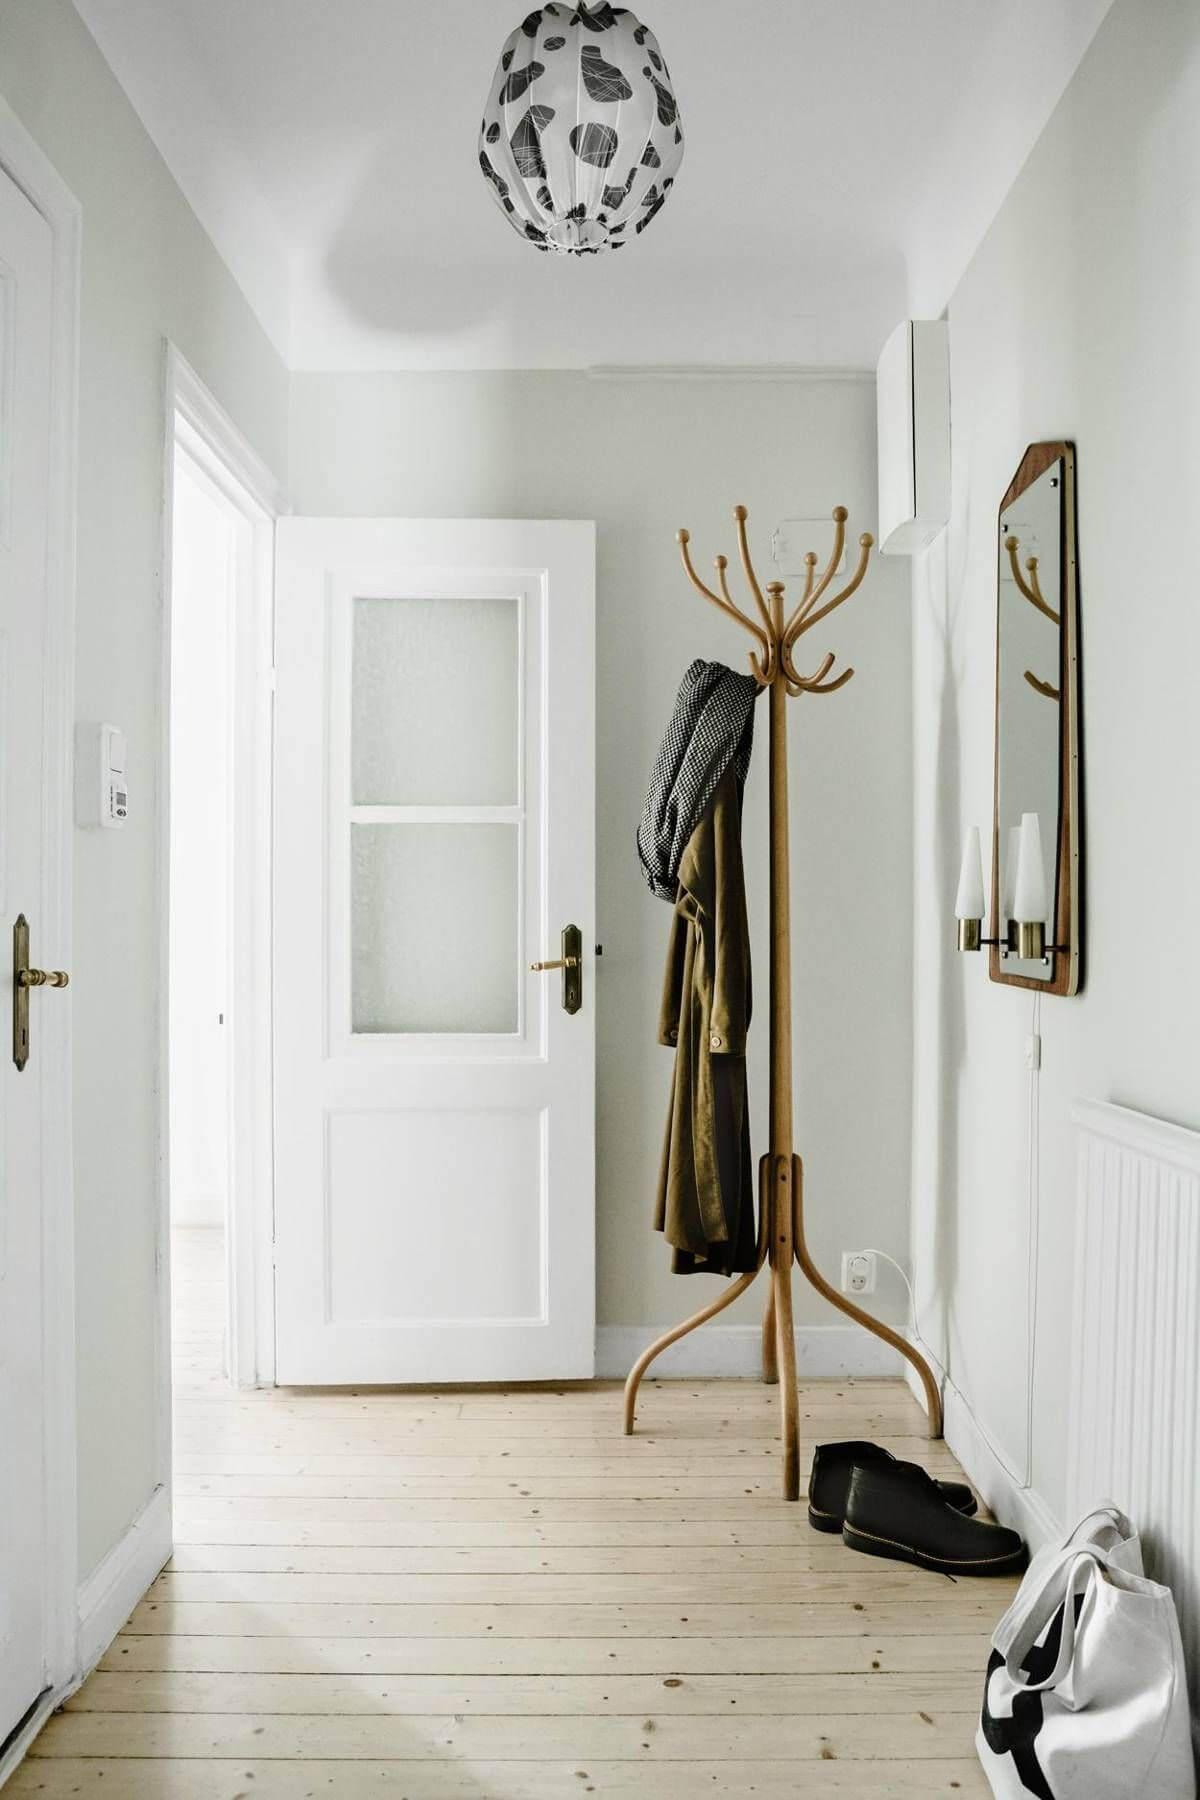 Qué diría Marie Kondo si fuese tu interiorista. Diseña espacios que te ayuden a ser más ordenados.